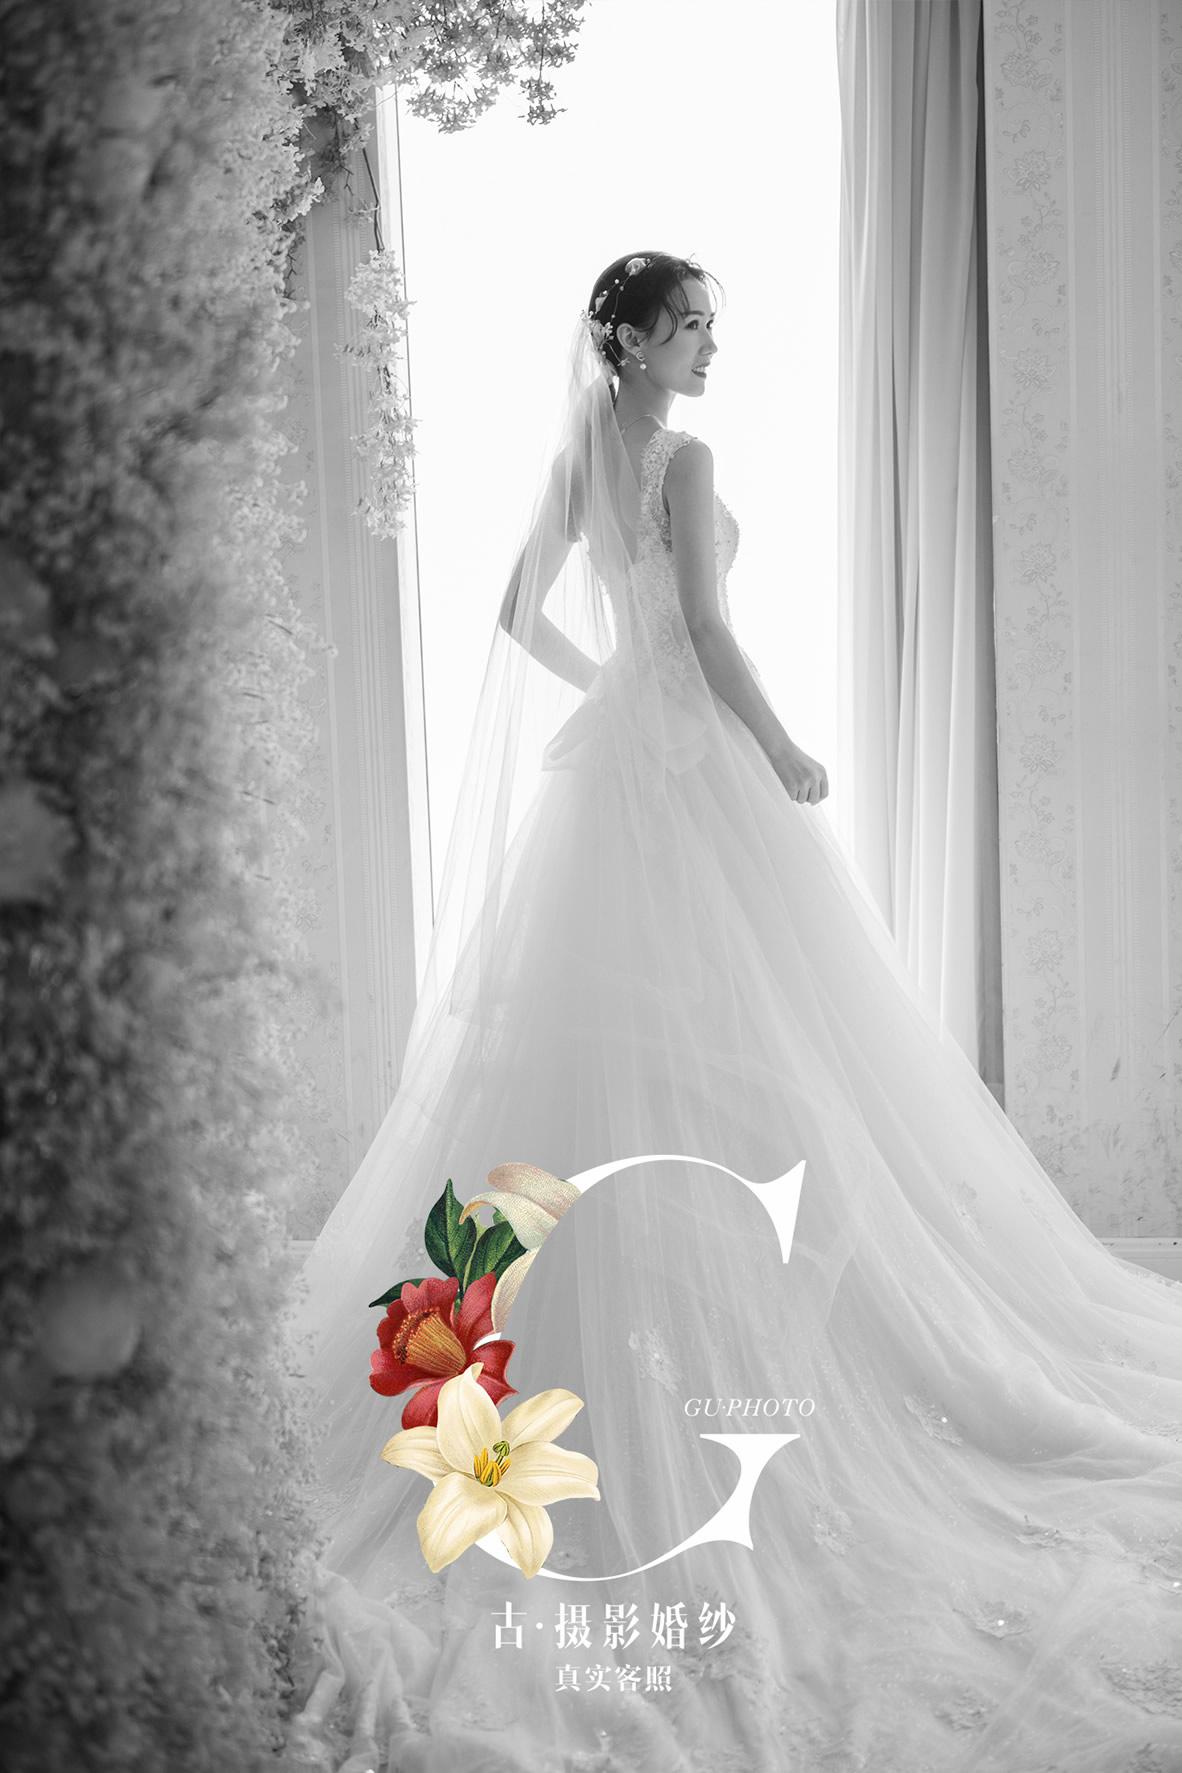 付先生 孙小姐 - 每日客照 - 古摄影婚纱艺术-古摄影成都婚纱摄影艺术摄影网